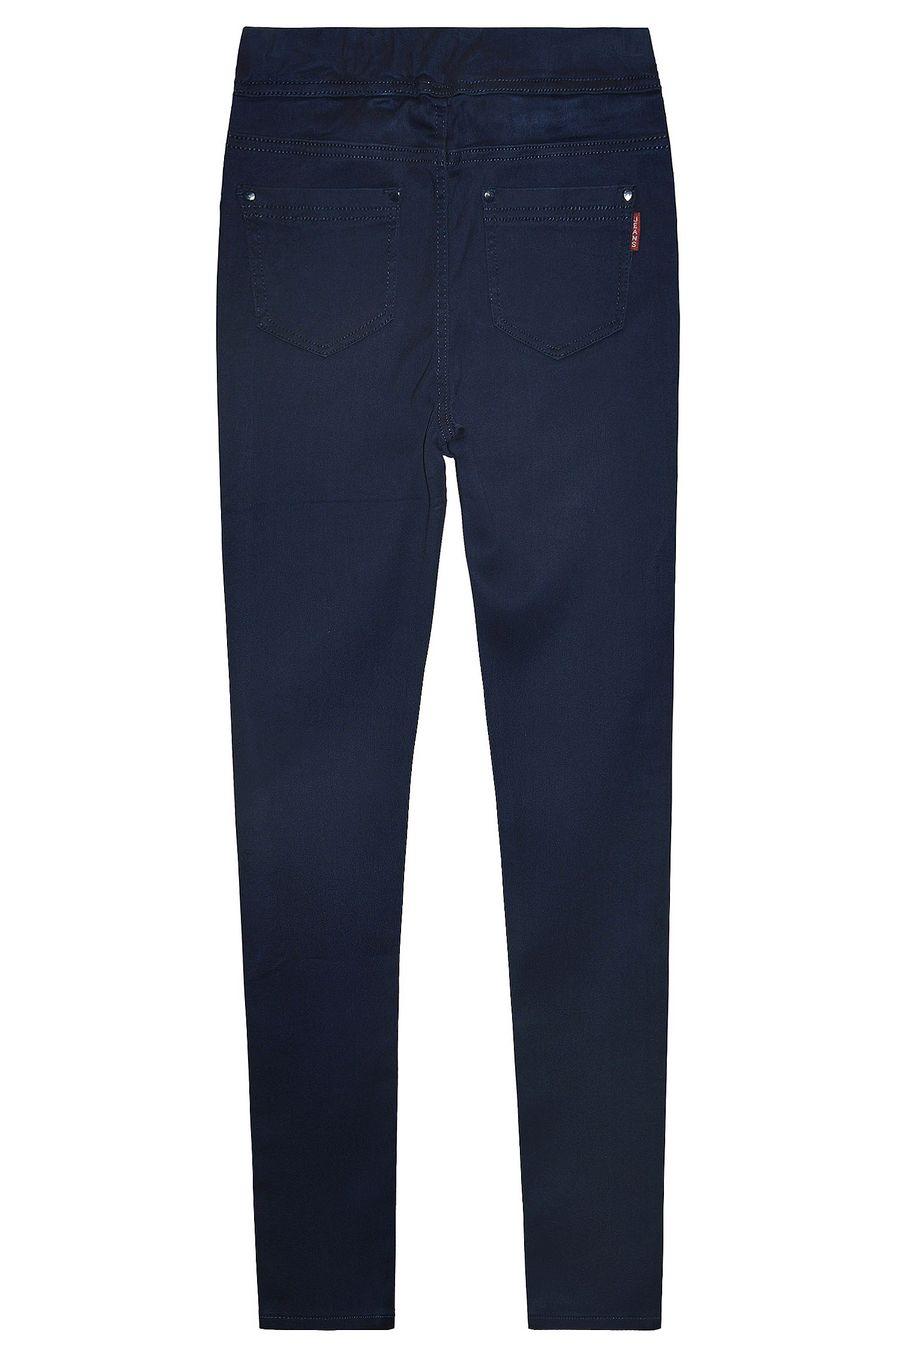 Джинсы женские K.Y Jeans 3254 - фото 2